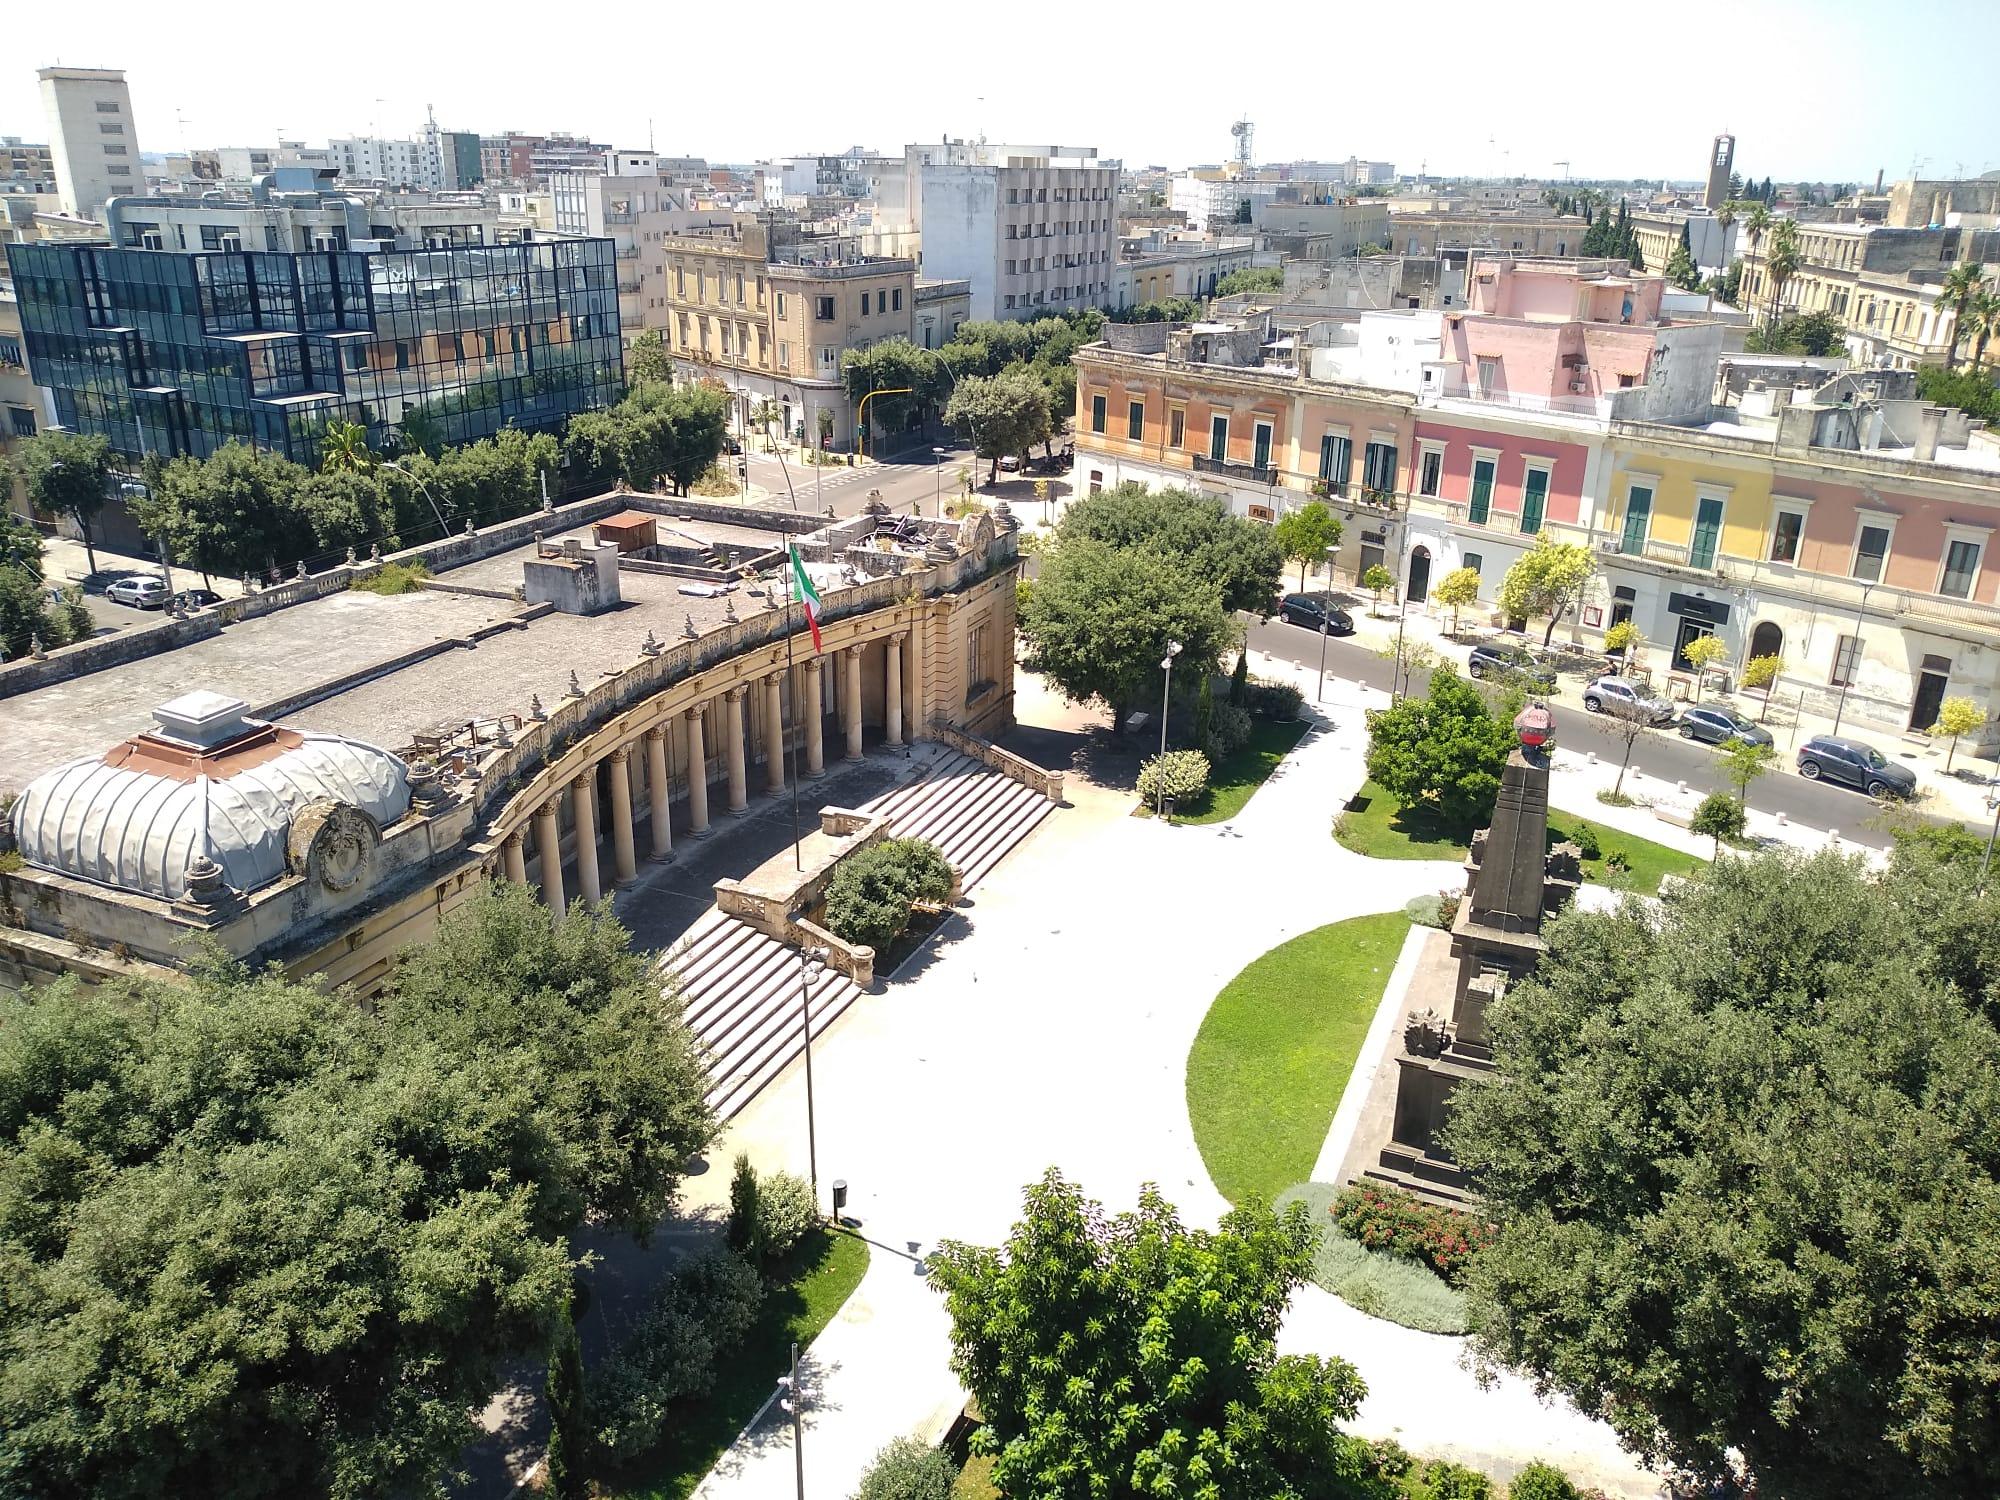 Appartamento, via Cavour, centro, Affitto - Lecce (LE)